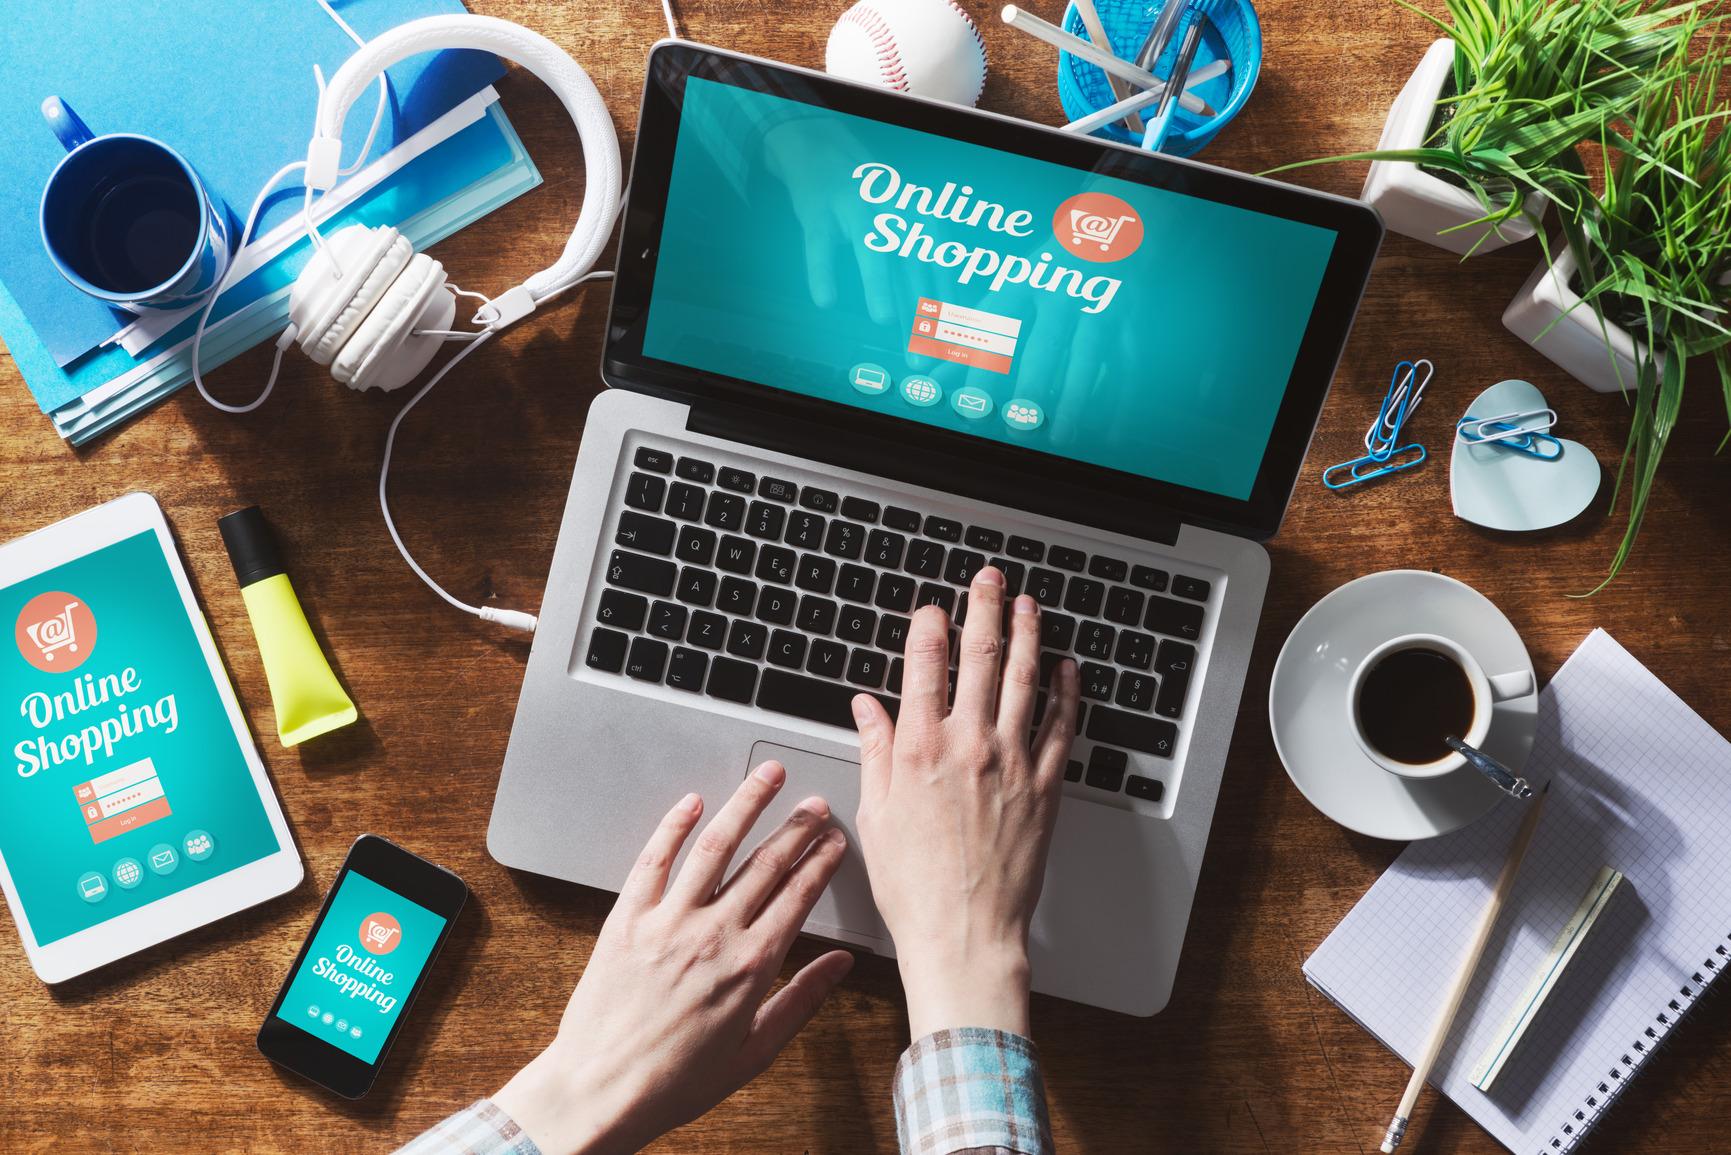 f906d9106e15 Le 5 Migliori Start-Up Per Comprare Online Senza Carta di Credito ...